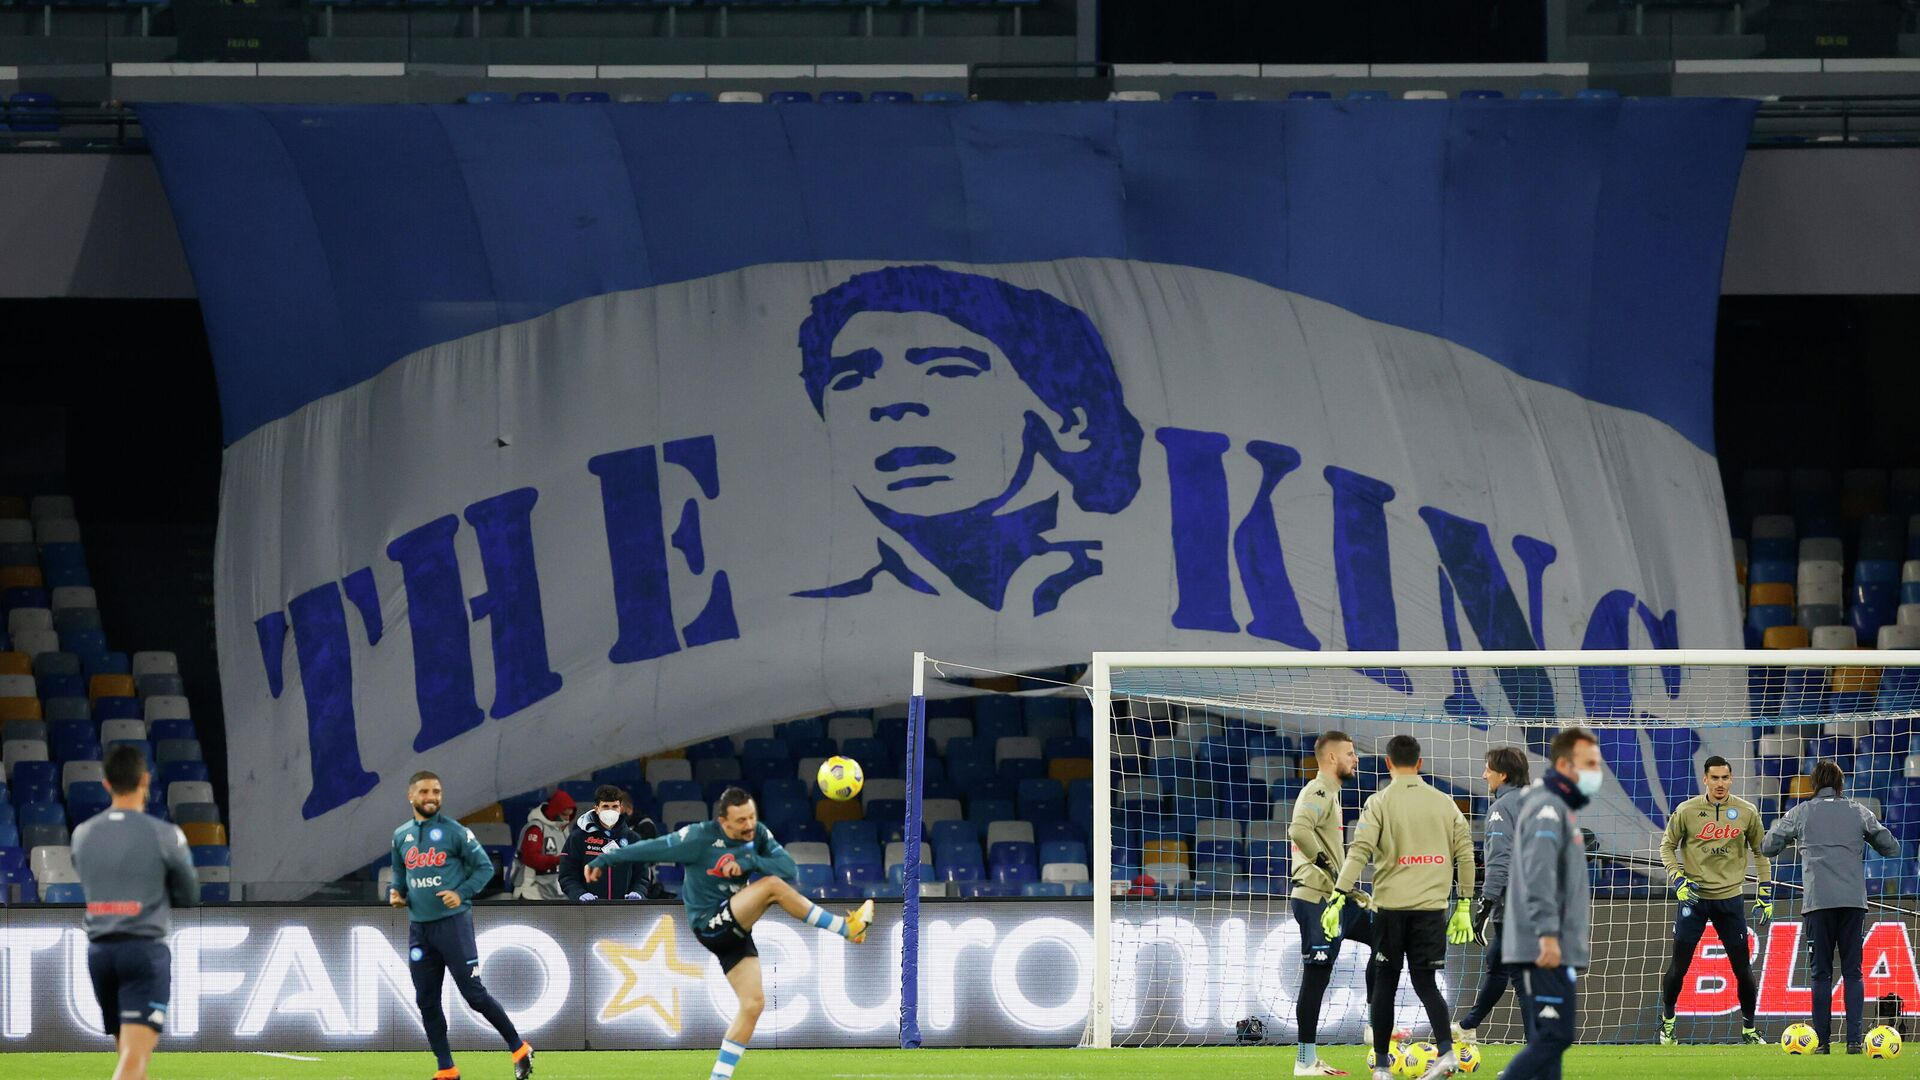 Баннер в память о Диего Марадоне на трибунах стадиона в Неаполе - РИА Новости, 1920, 04.12.2020